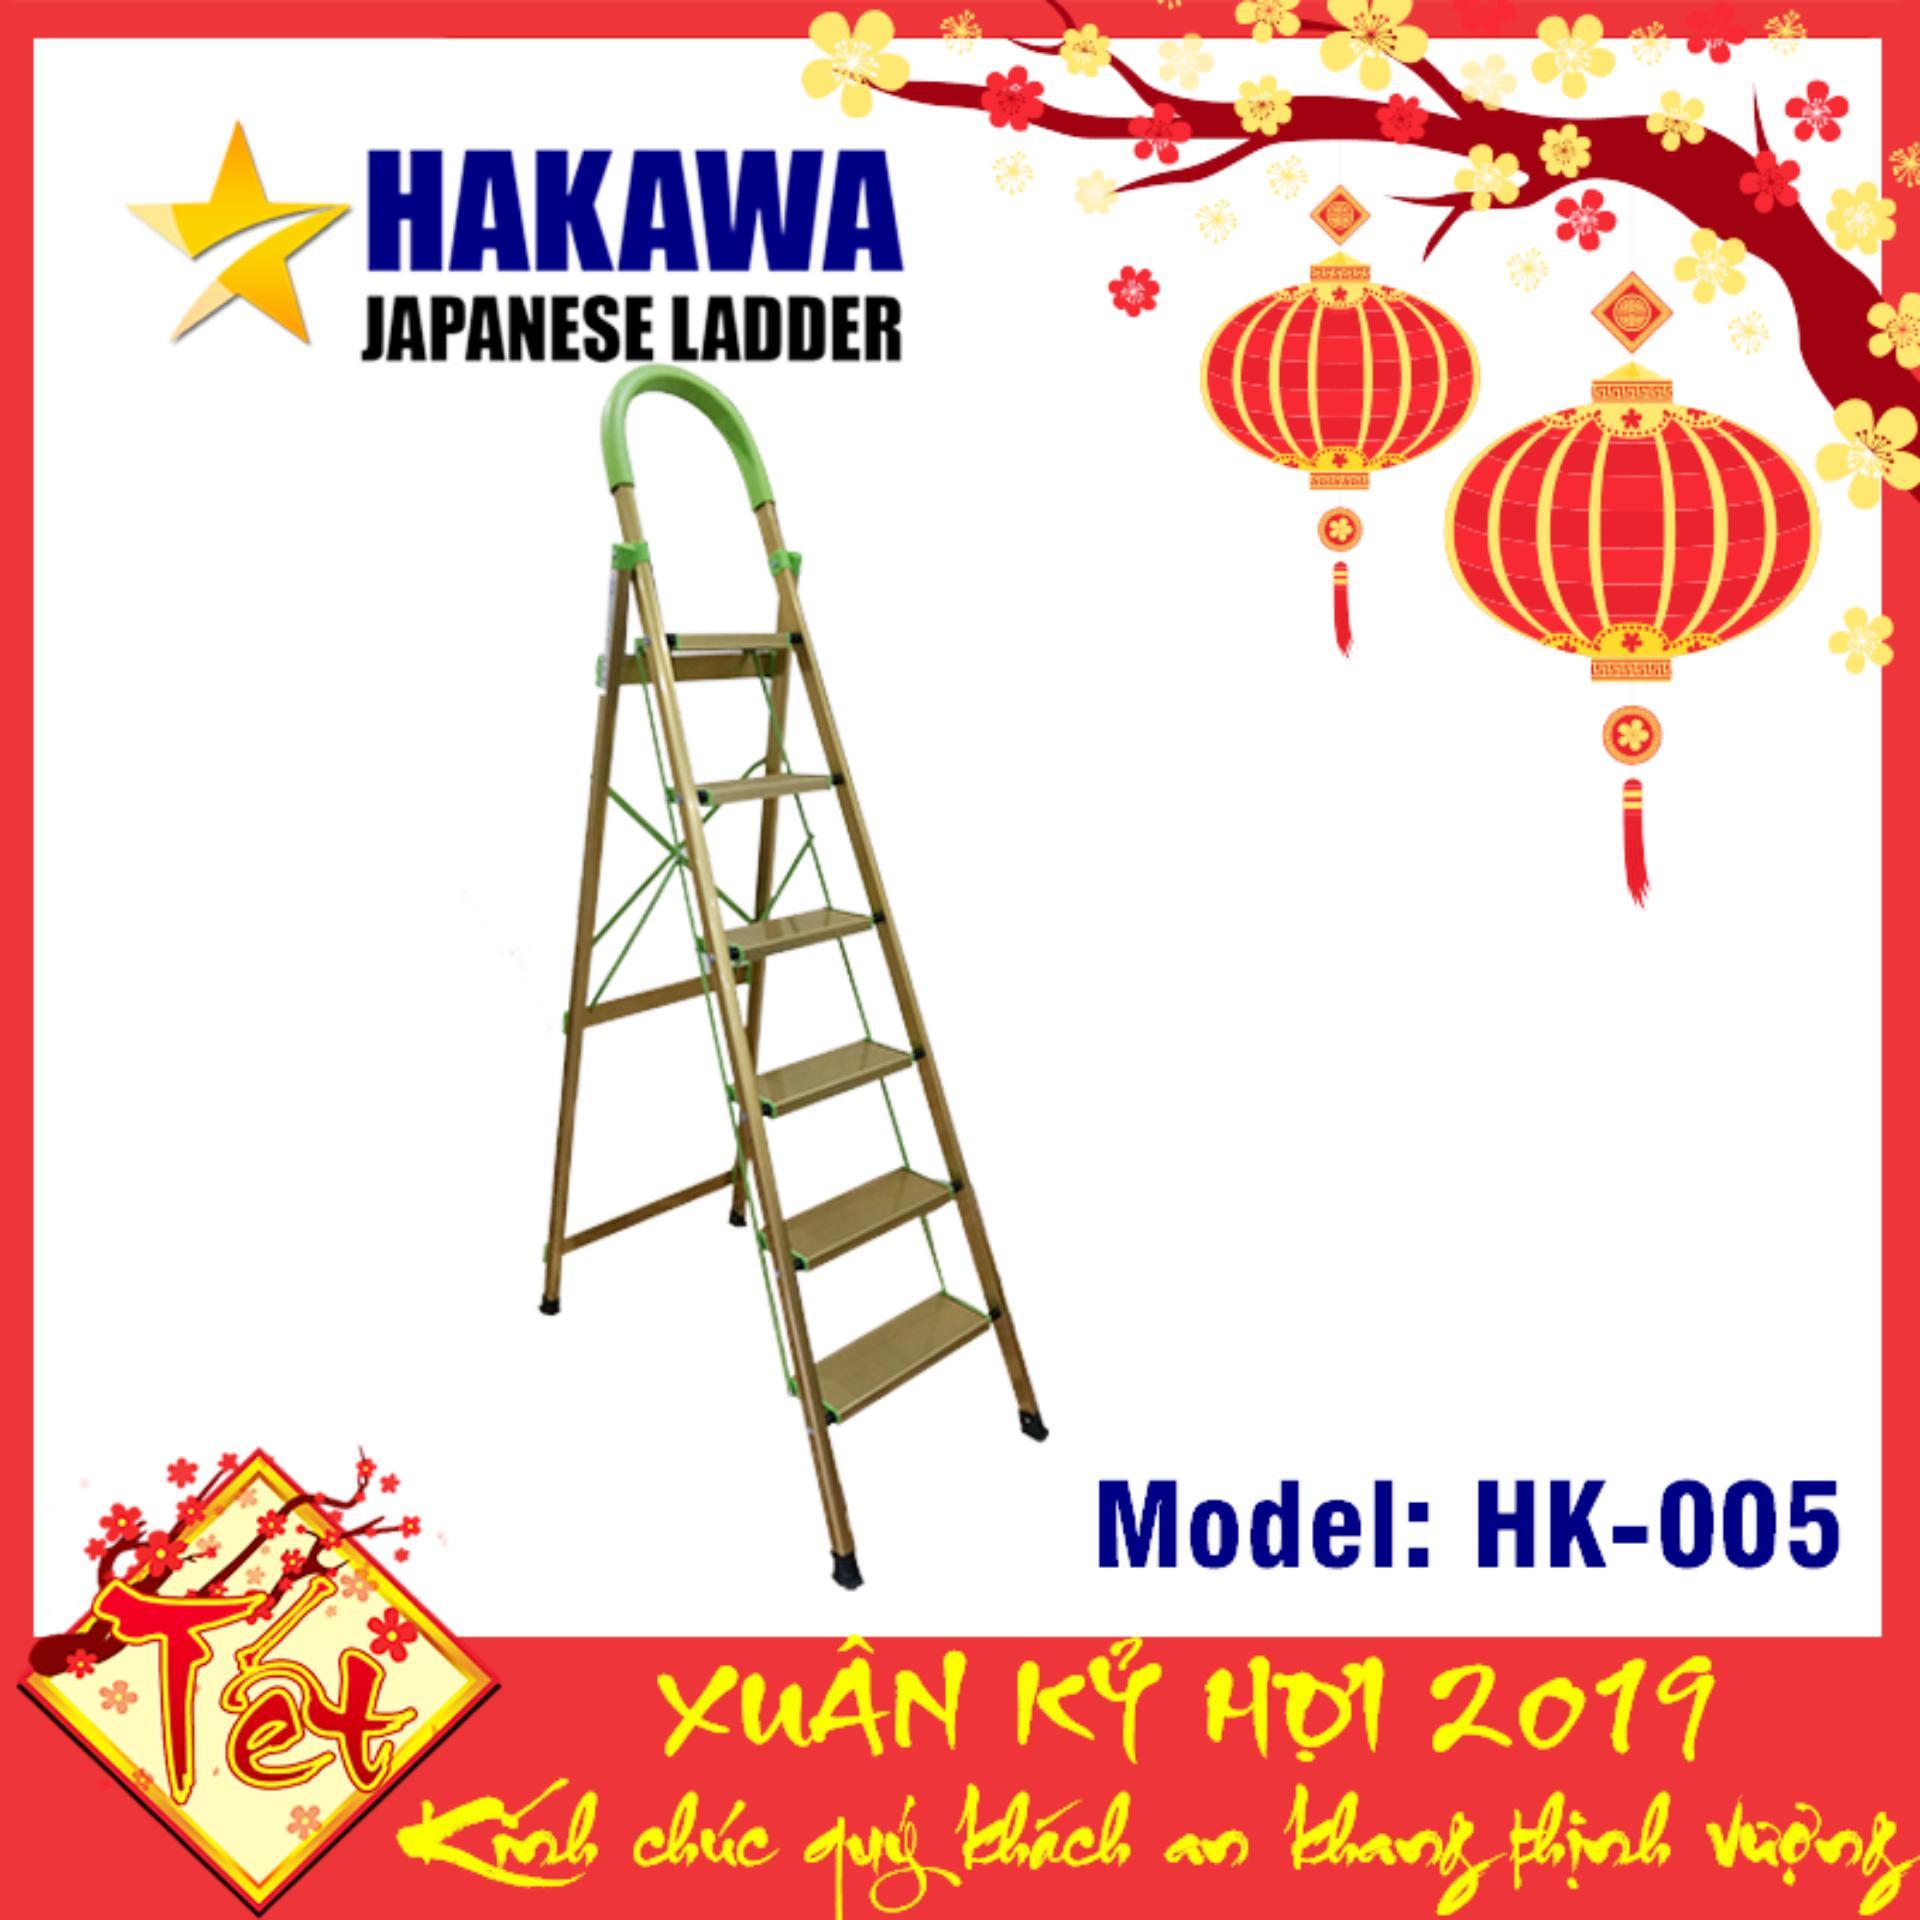 [HAKAWA] Thang nhôm ghế HAKAWA  HK006 - Vật dụng cần thiết cho mọi gia đình